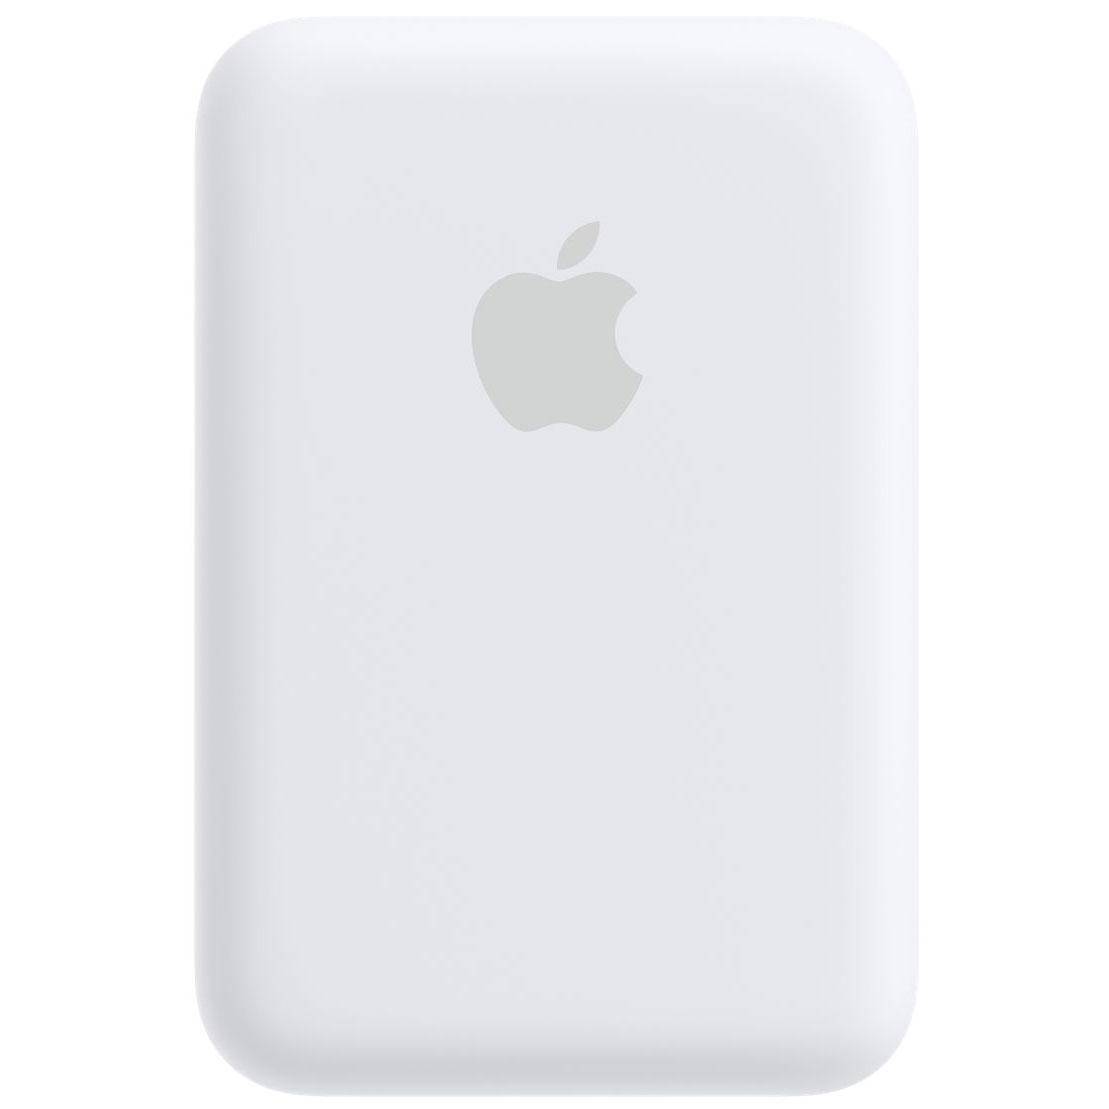 پک باتری اپل مدل MagSafe مخصوص گوشی های iPhone 12 ظرفیت 1460 میلیآمپرساعت